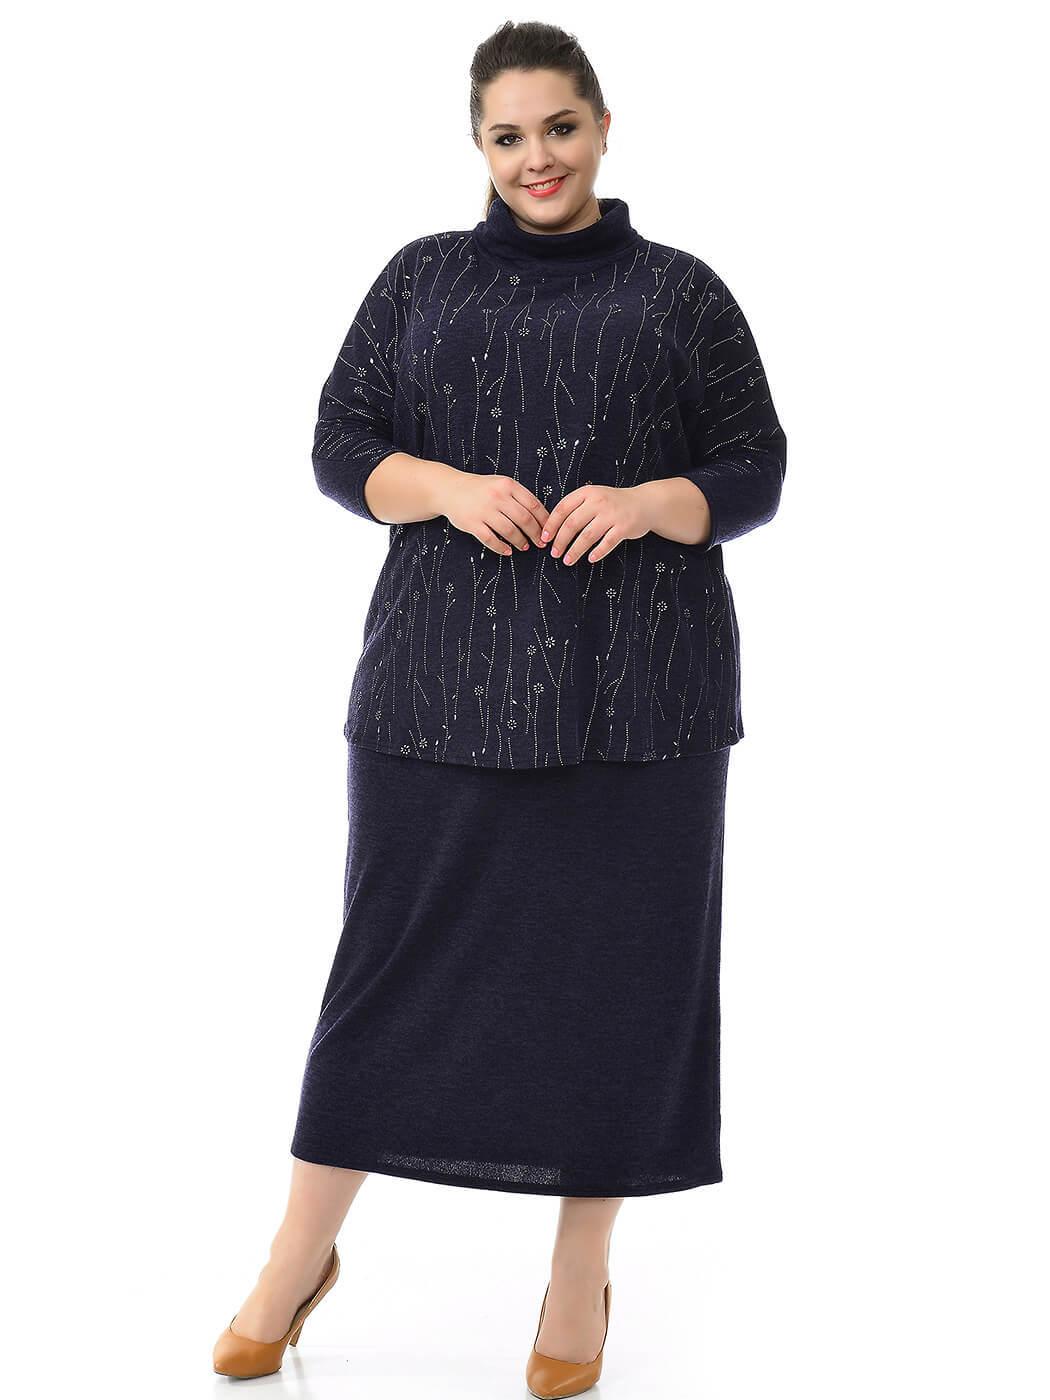 Теплая длинная темная юбка больших размеров